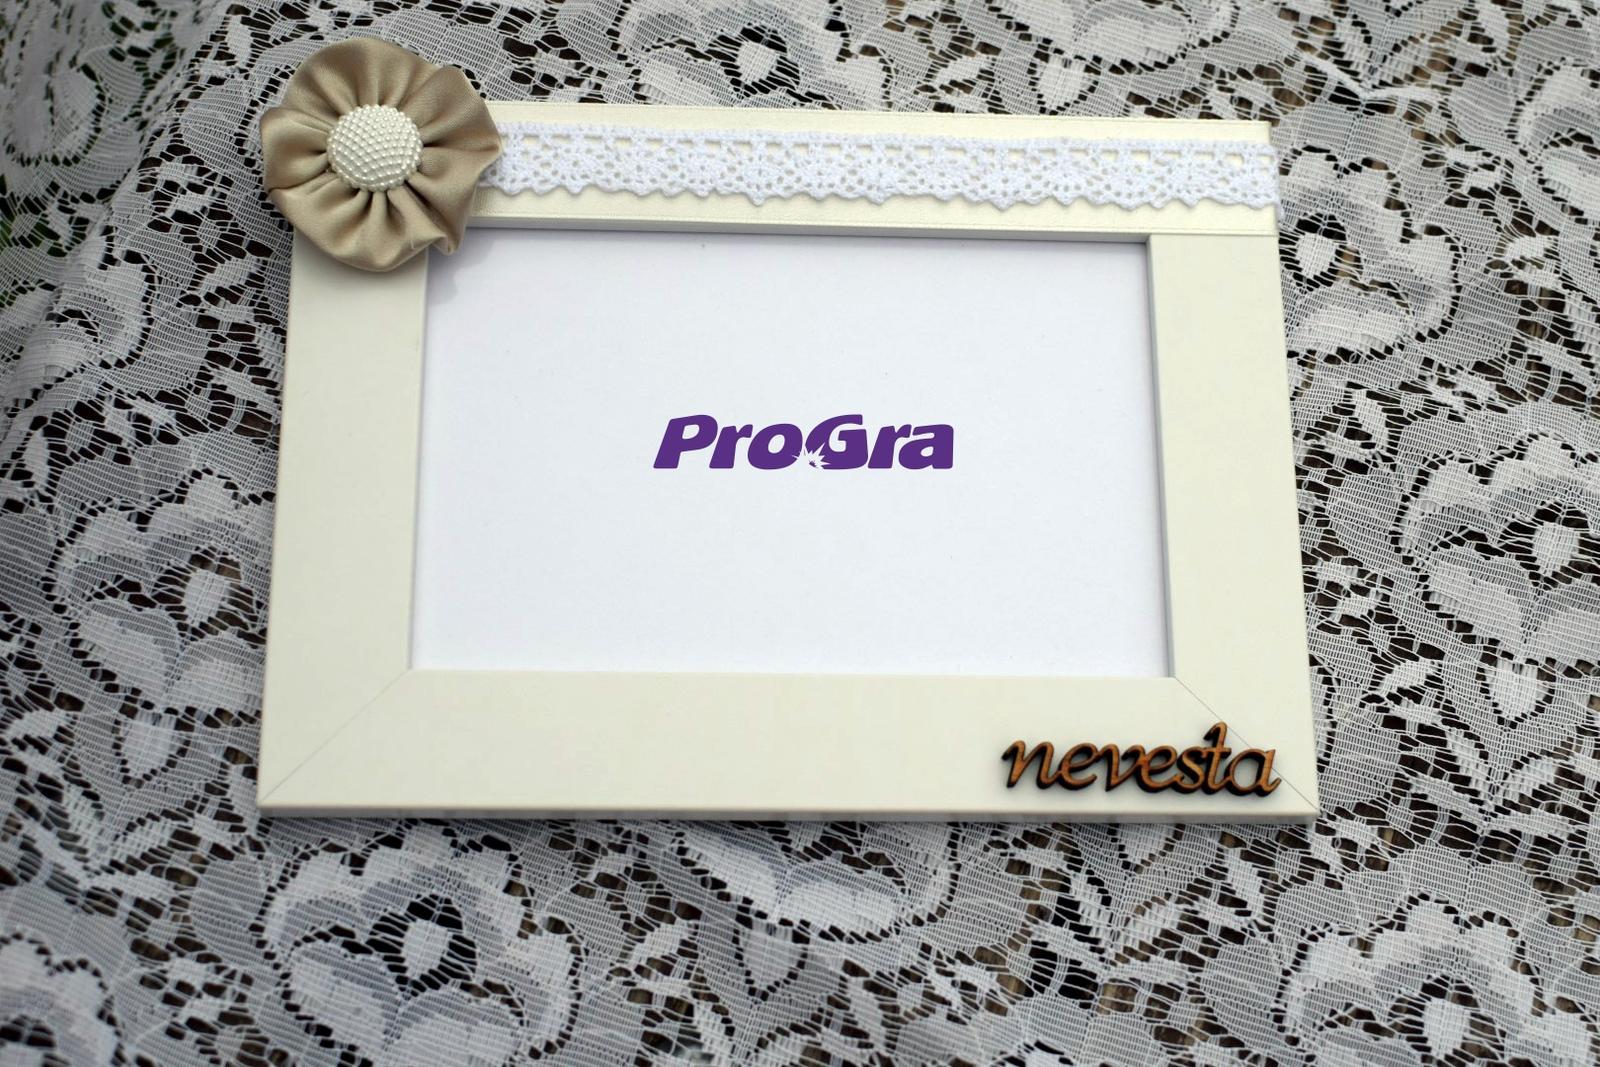 Originální Svatební Doplňky - fotorámeček zdobený krásnou ručně šitou květinou a nápisem - na požádání je možné nápis změnit